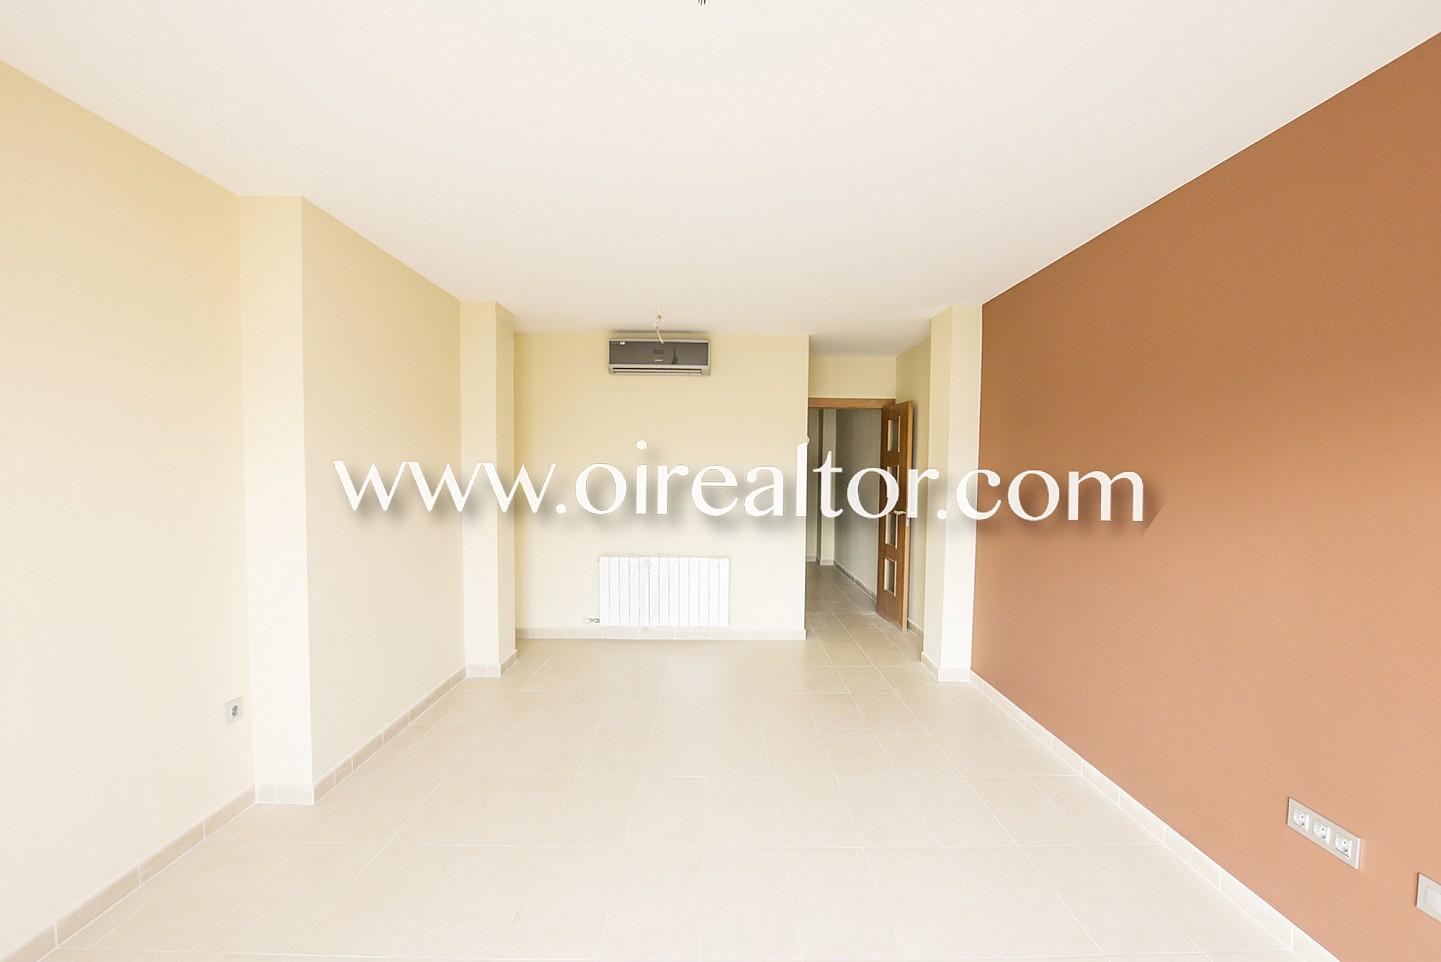 Estupendo segundo piso en venta de obra nueva en calella - Vivir en un segundo piso ...